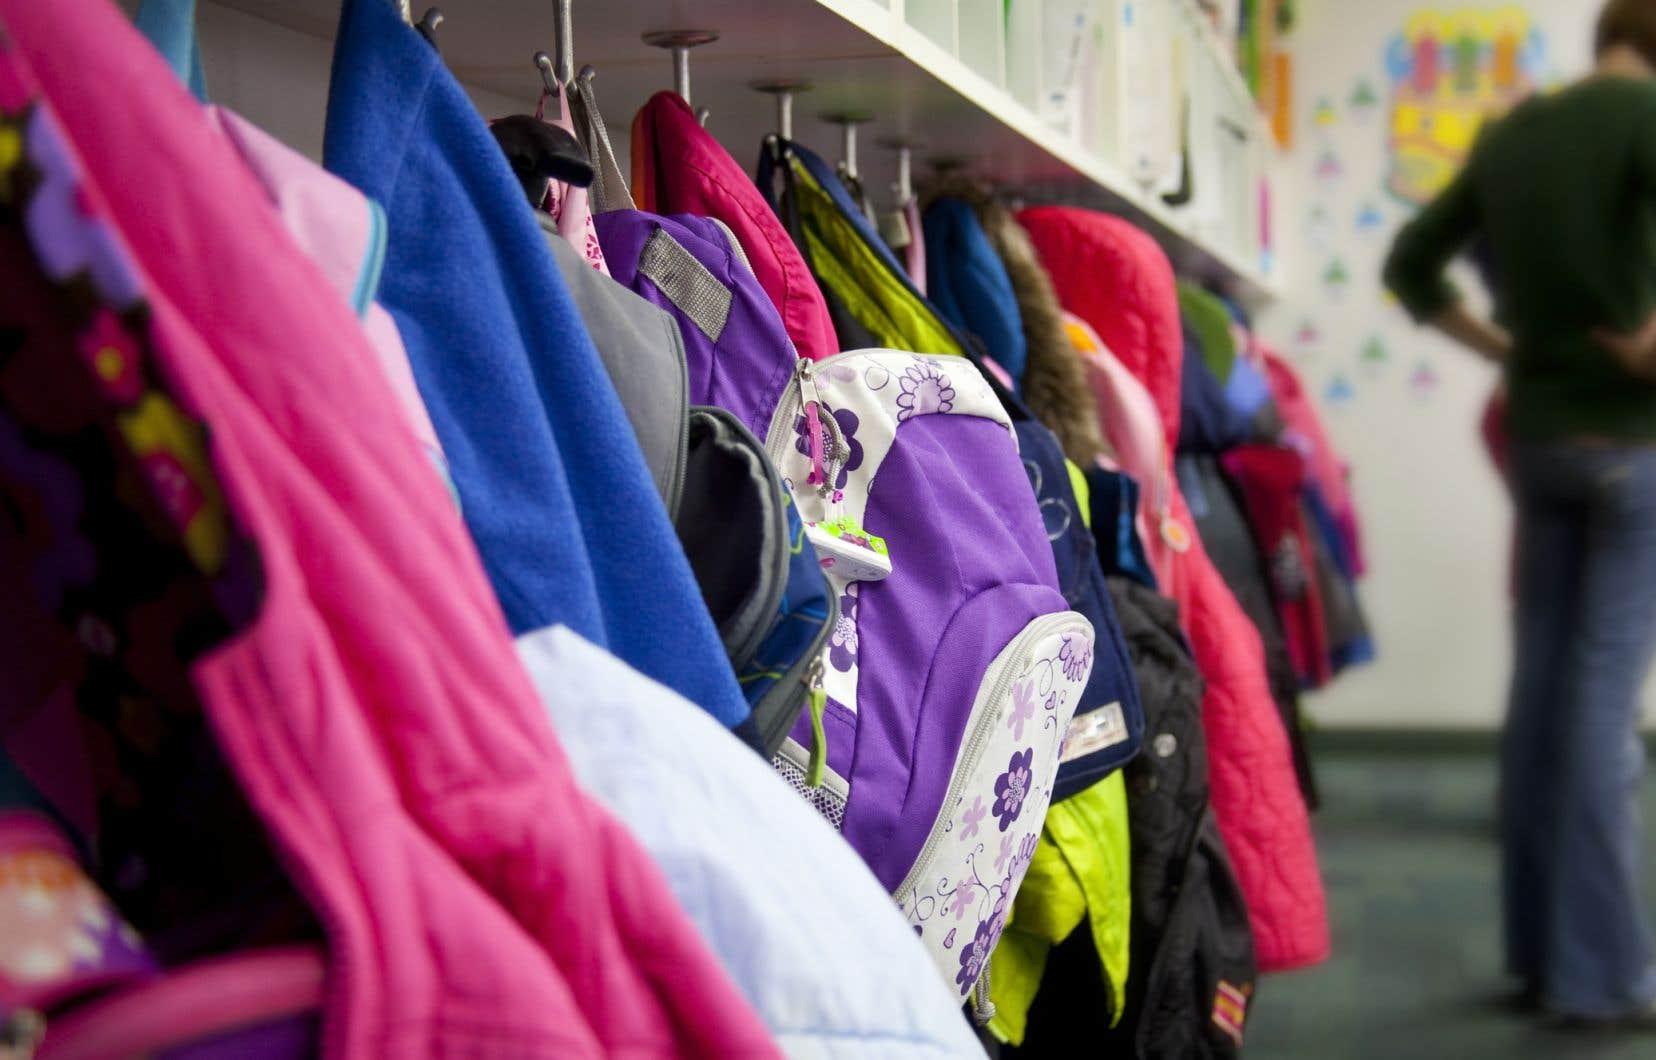 Il s'agit de la première fermeture d'une école depuis le début de la quatrième vague, selon la Fédération québécoise des directions d'établissement d'enseignement.